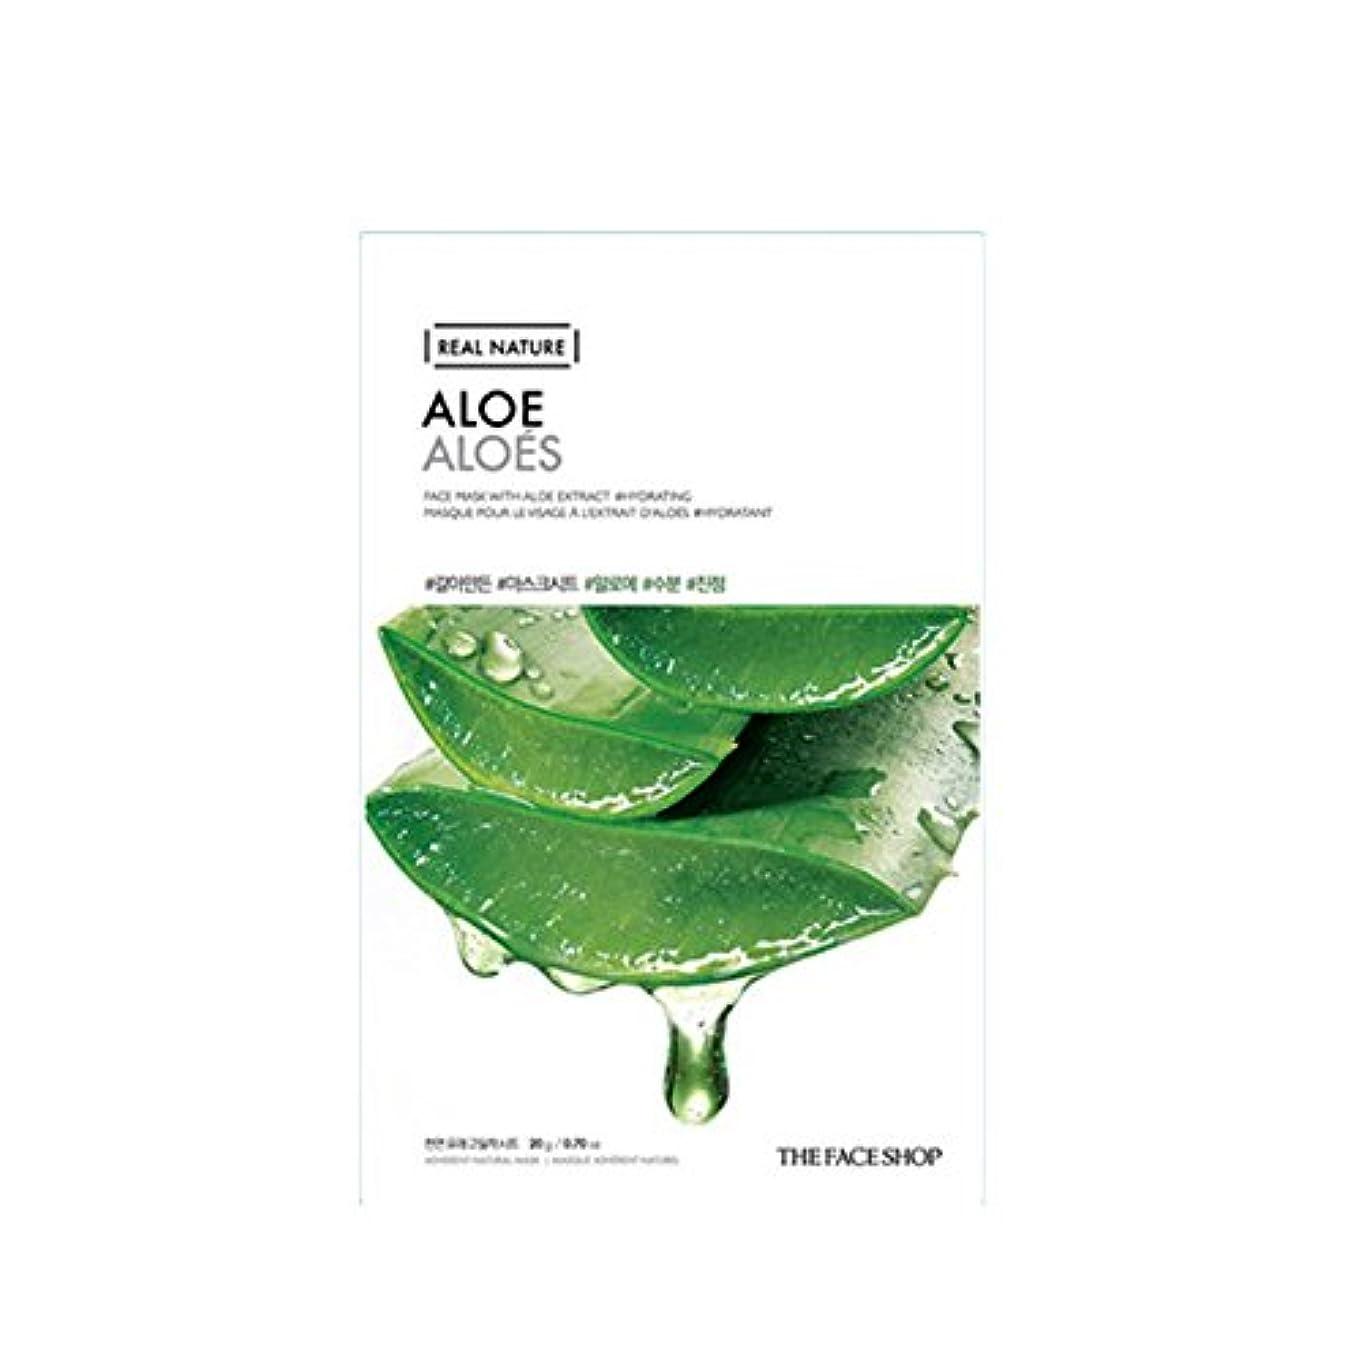 フラフープ同等の座る[The Face Shop] ザフェイスショップ リアルネイチャーマスクシート Real Nature Mask Sheet (Aloe (アロエ) 10個) [並行輸入品]